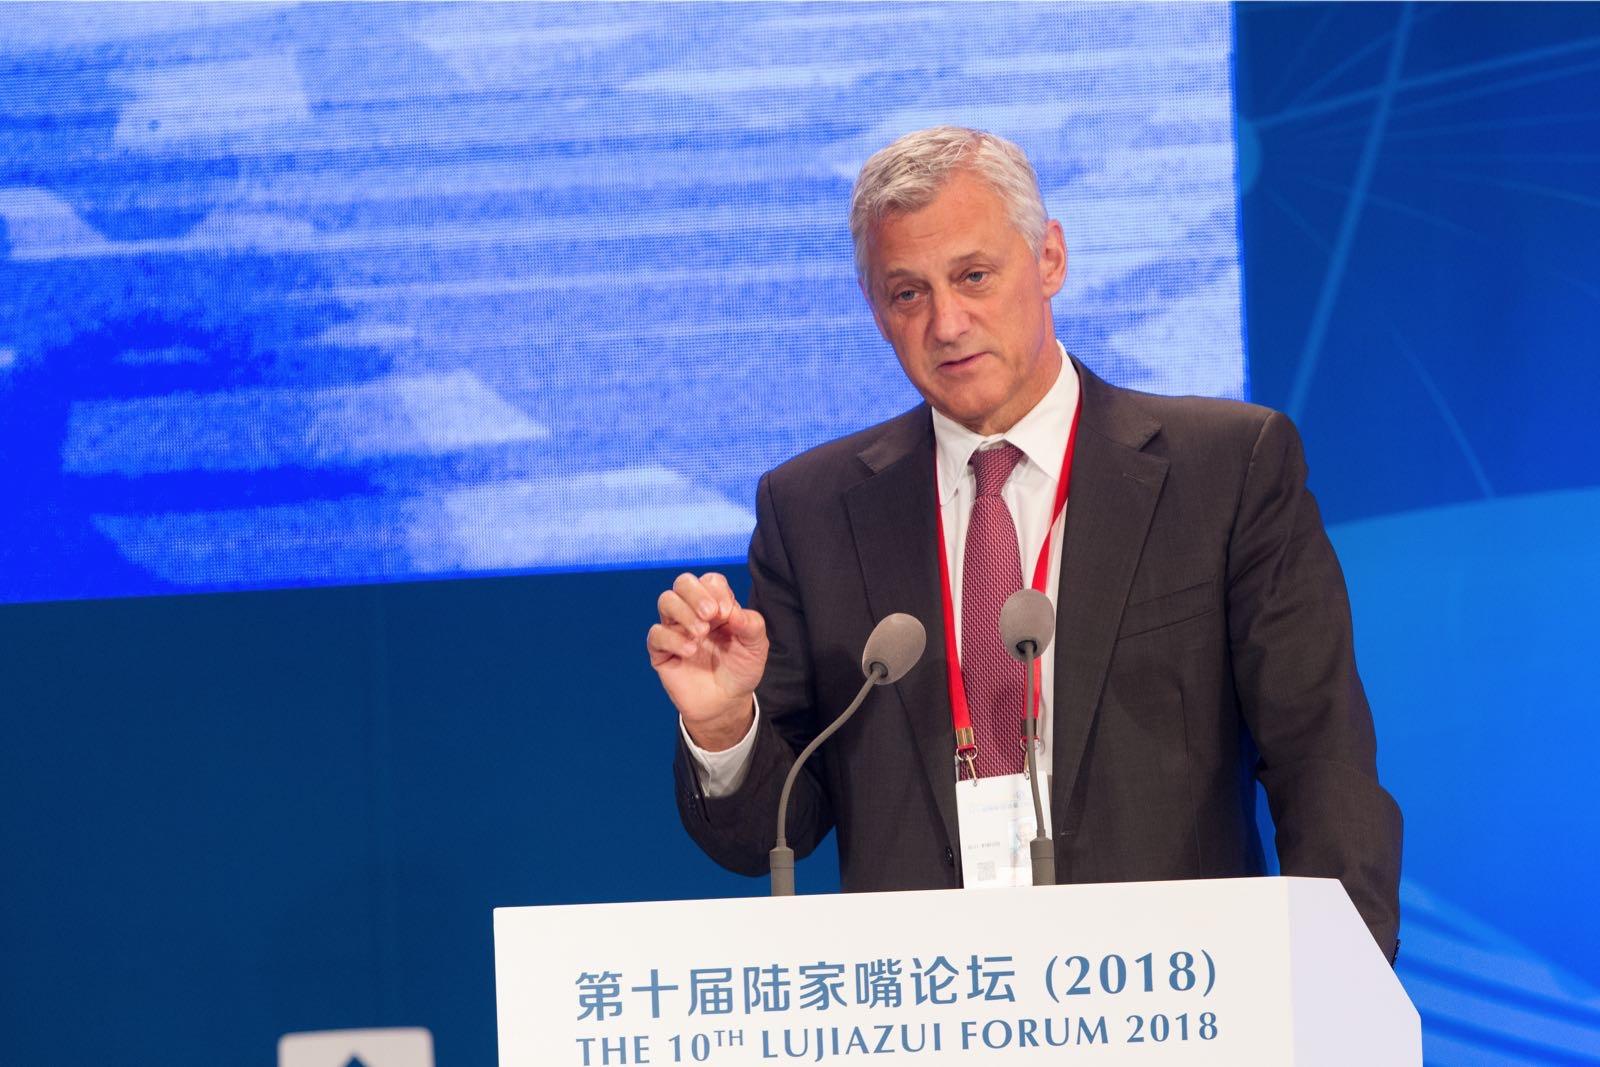 渣打集团行政总裁:警惕全球增长逆转